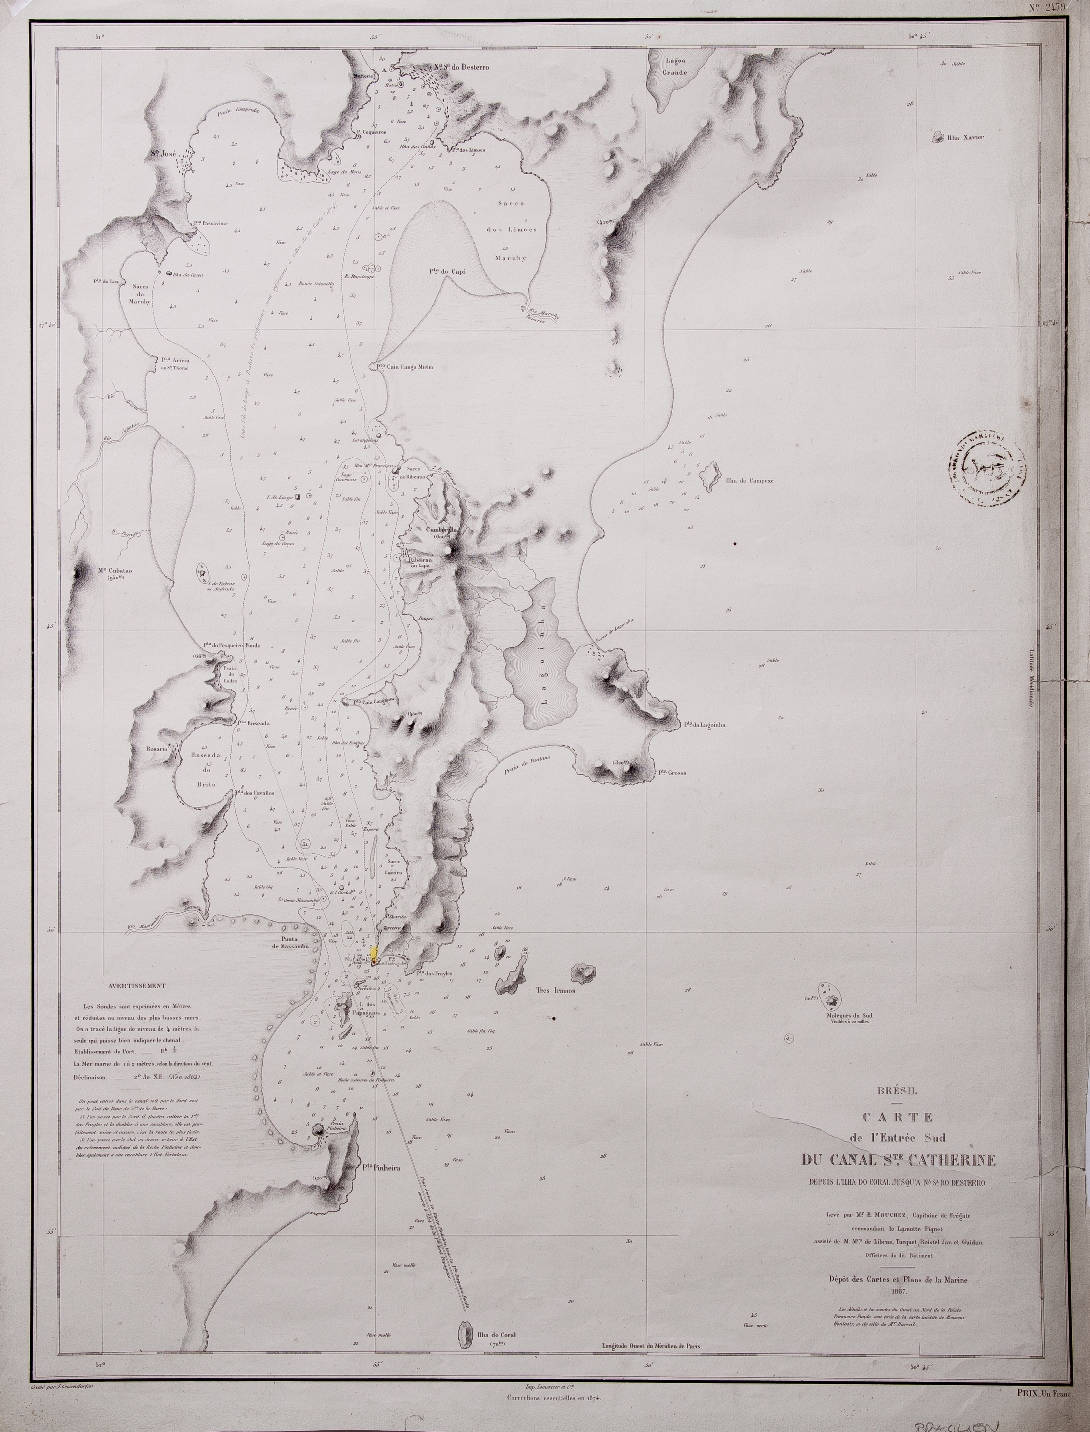 [57] Carte de L'Entree Sud du Canal Ste. Catherine depuis L'Ilha do Coral jusqu'a Na. Sa. do Desterro, 1867. E. Mouchez. Coleção Catarina. Fonte: Ylmar Corrêa Neto.